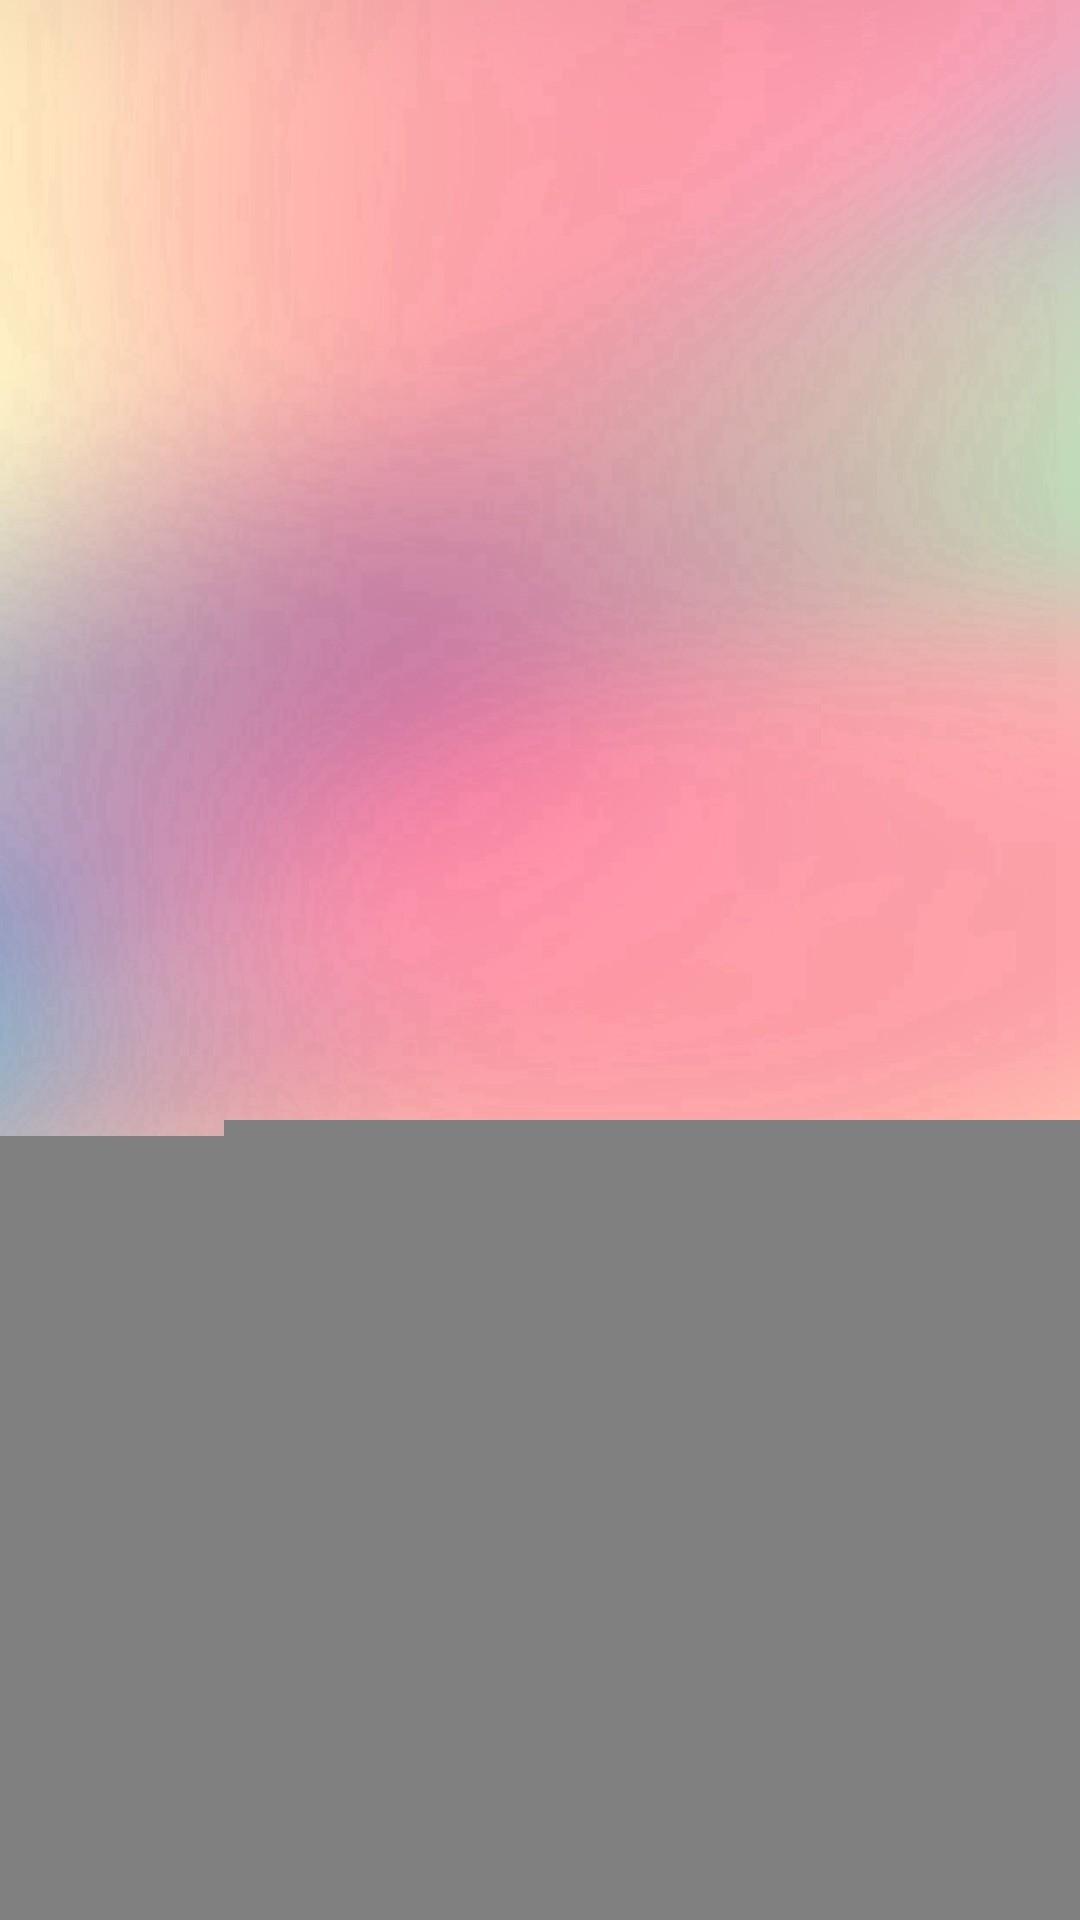 White Pink Memory Begin Again Blur Gradation iPhone 8 wallpaper